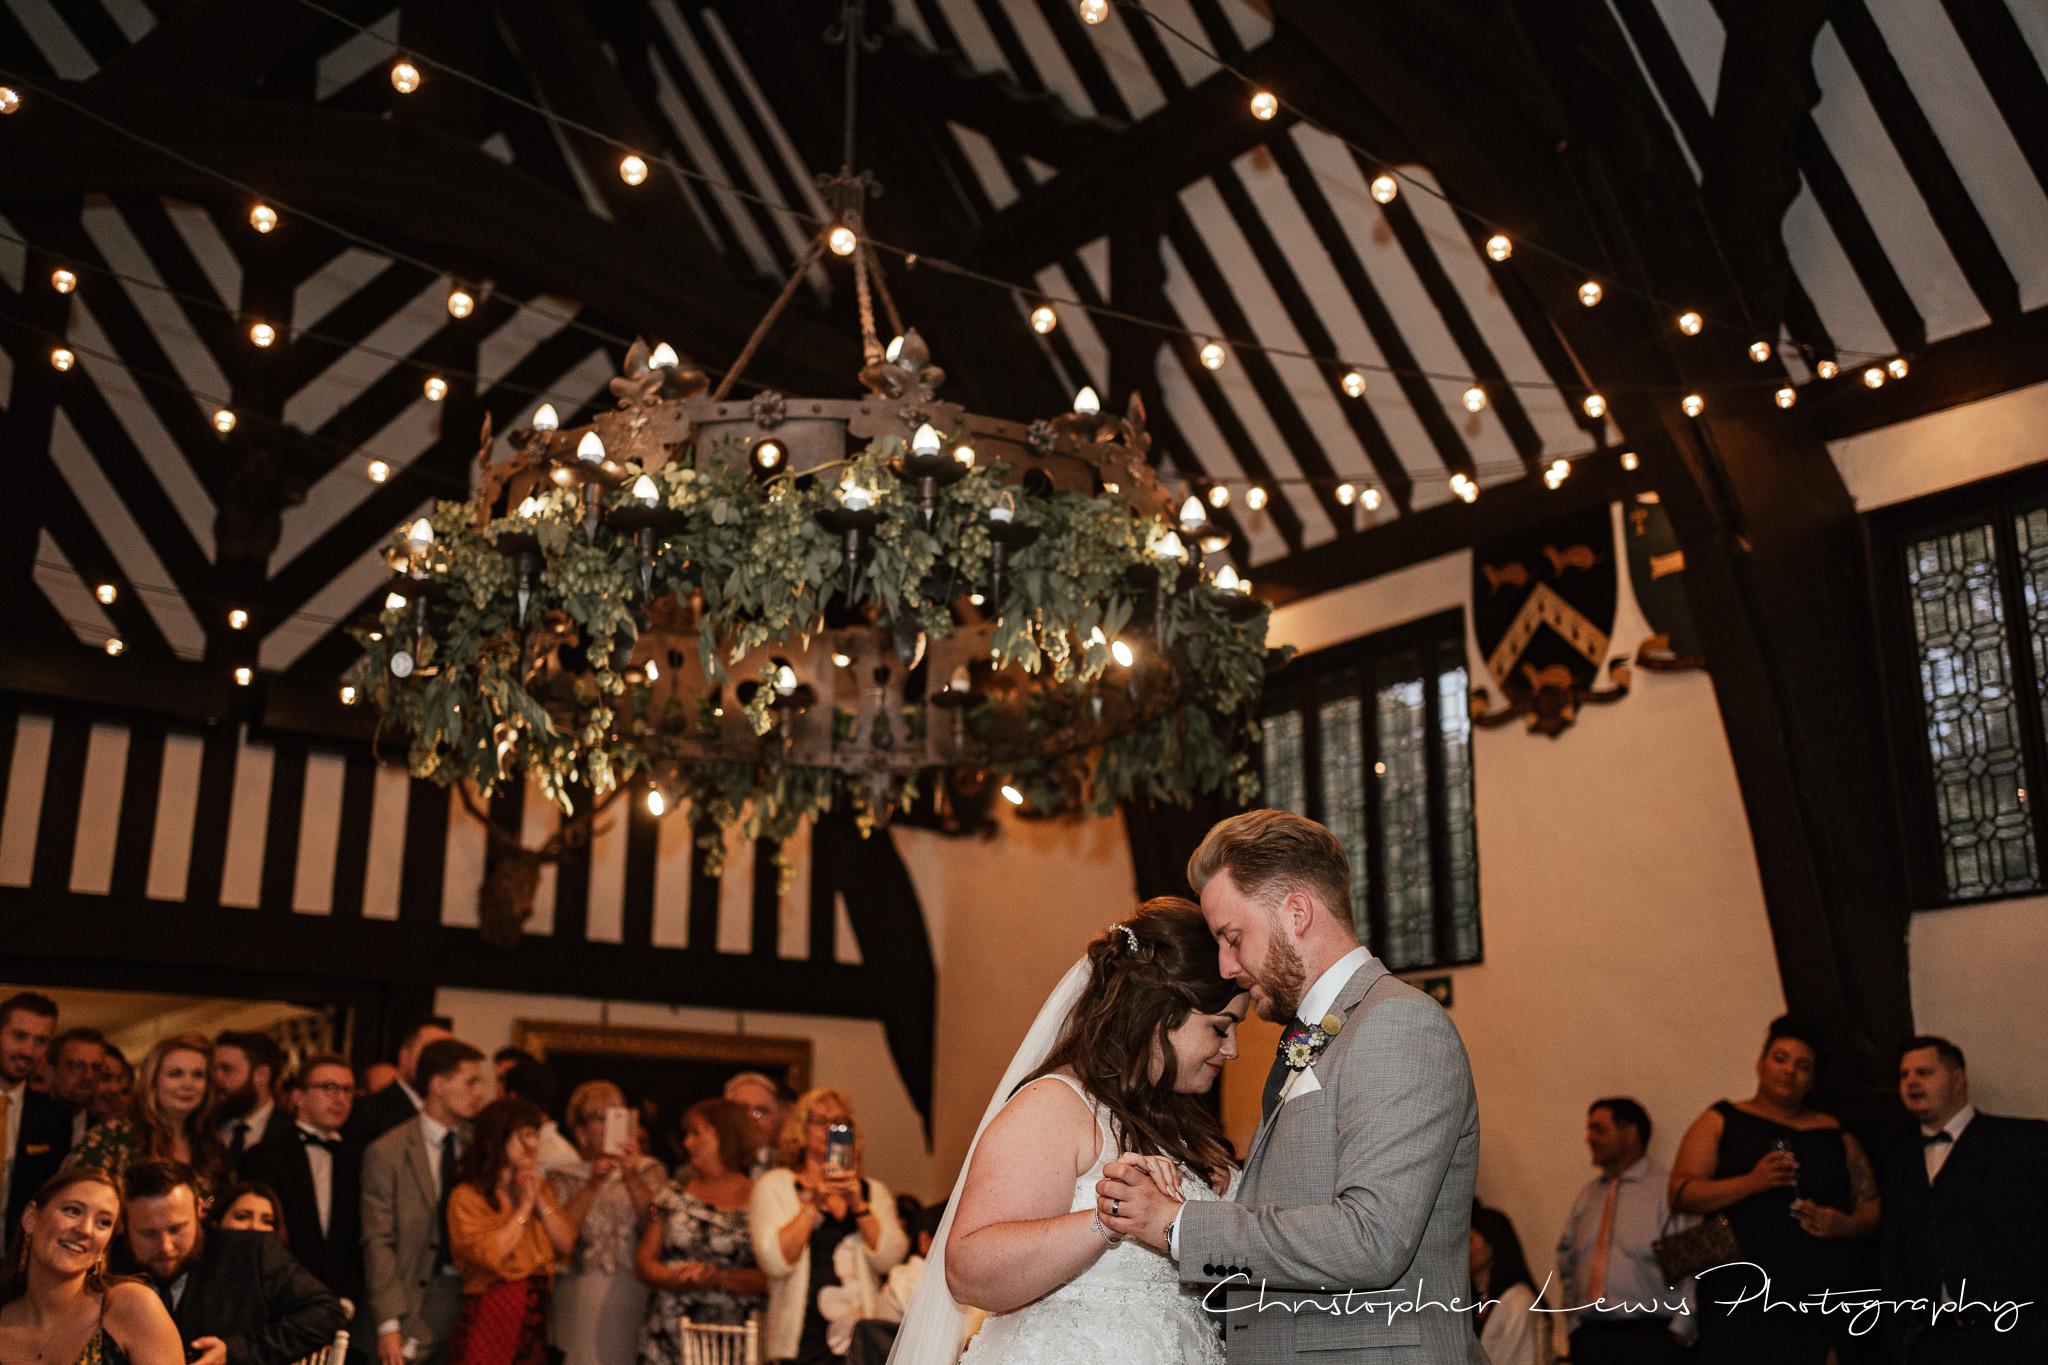 Samlesbury Hall Wedding first dance